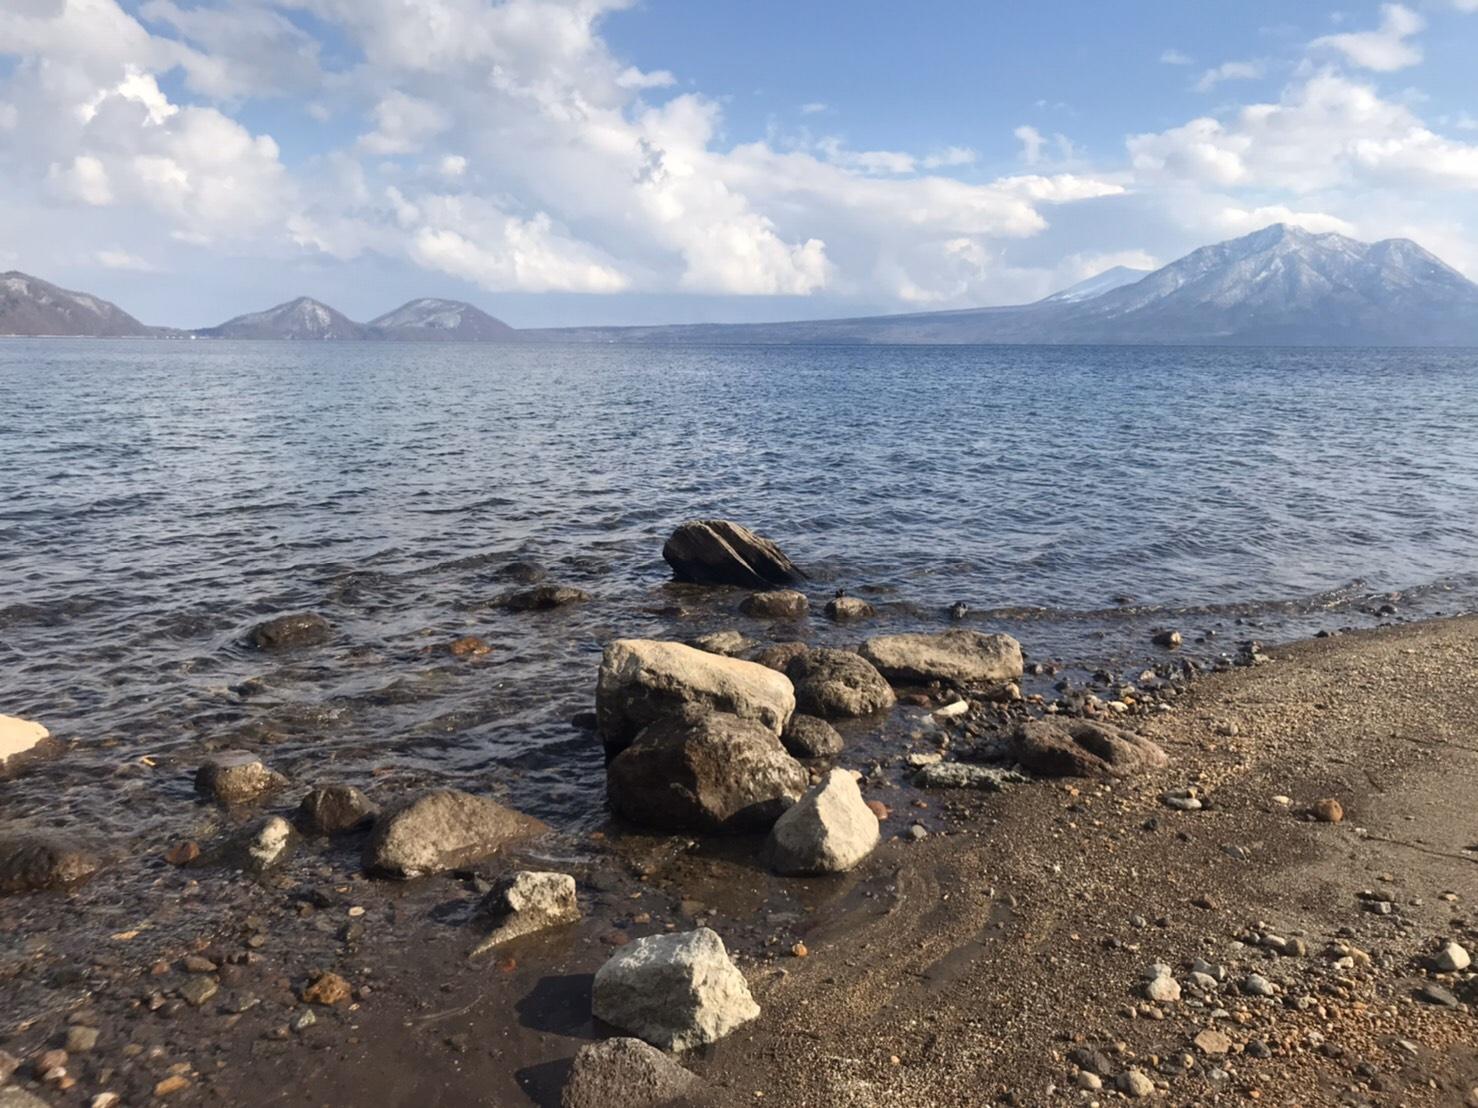 支笏湖の水質は何度も日本一に輝く程。透明度も高い